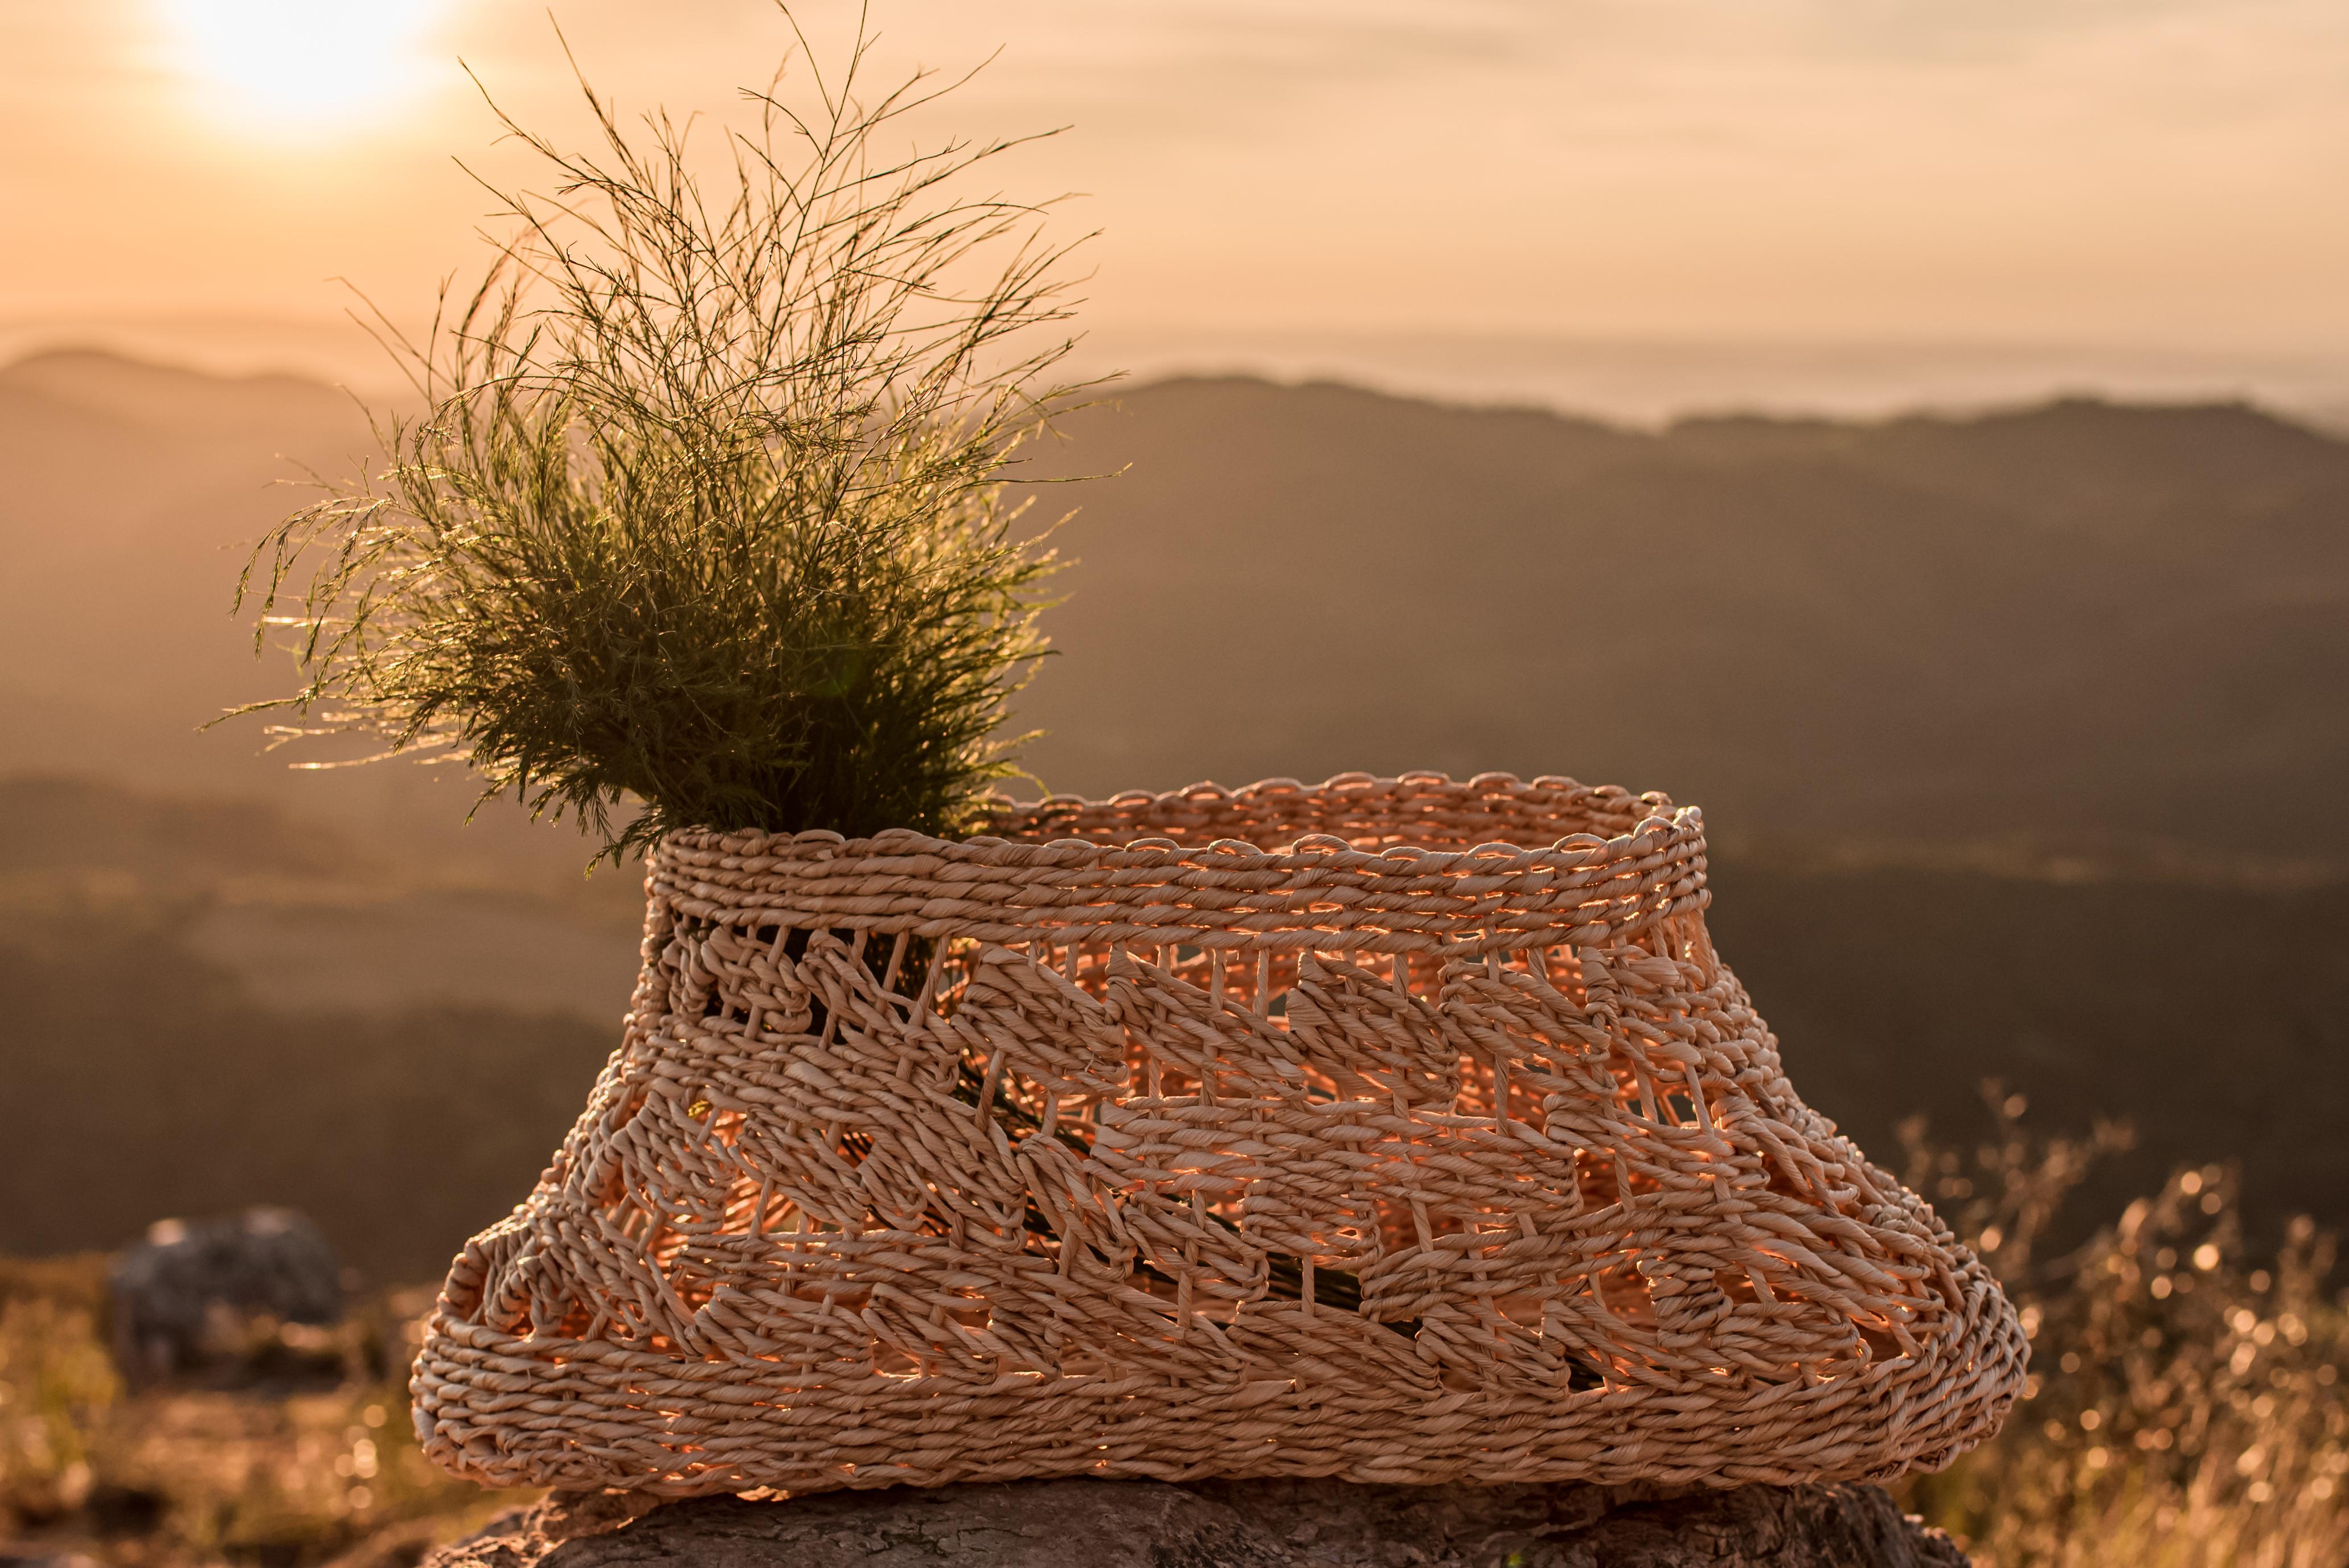 A fibra de milho é produzida por um processo artesanal em que a palha é seca, cozida, torcida e trançada.